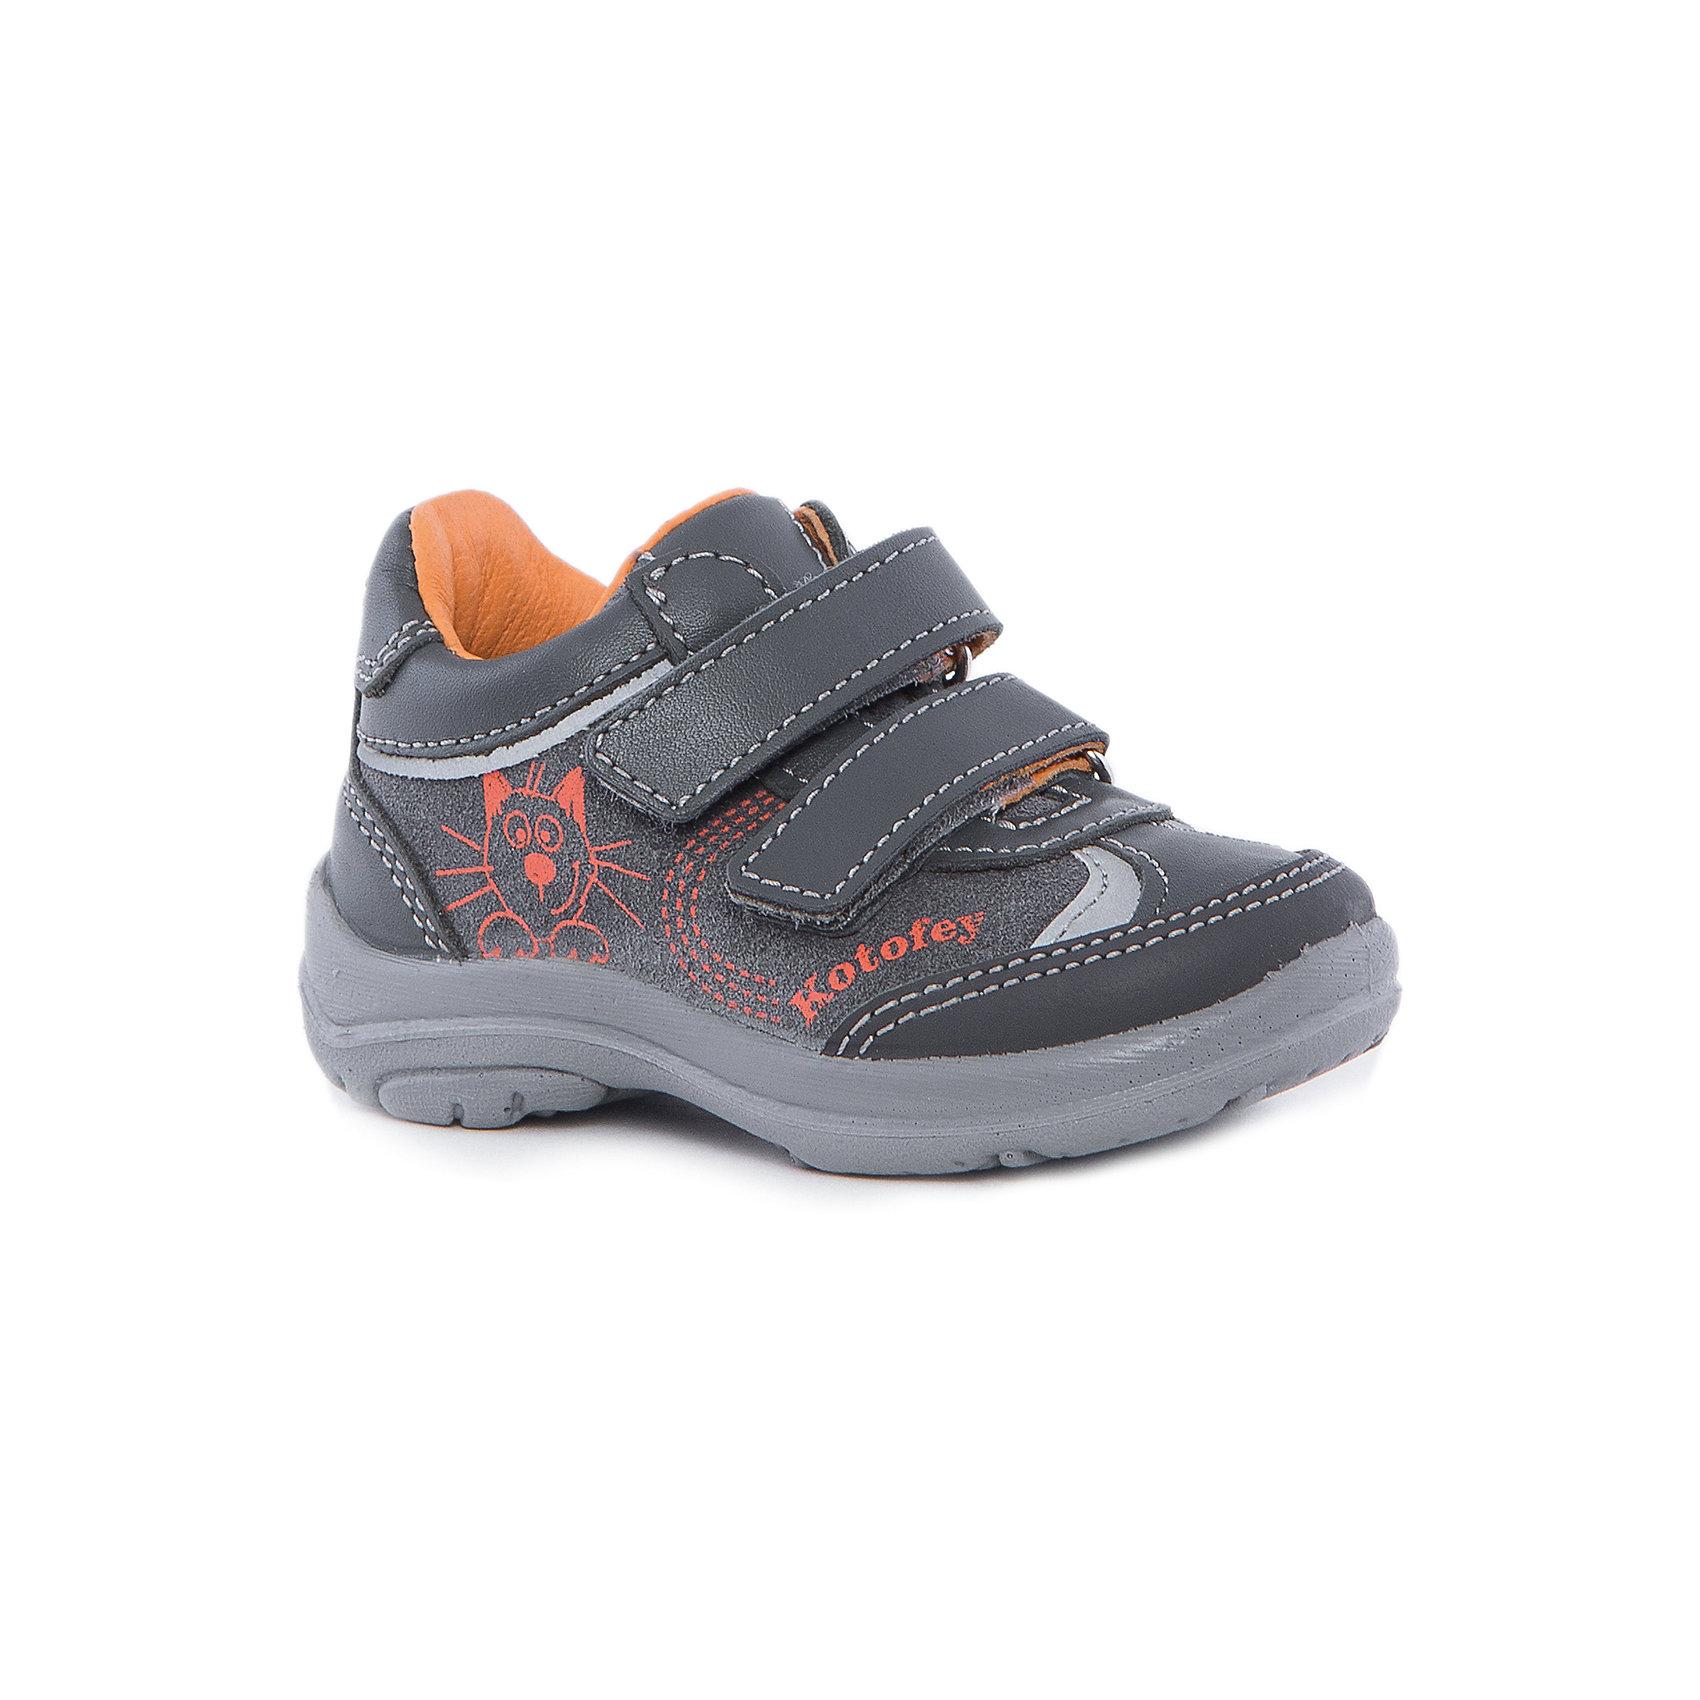 Ботинки для мальчика КотофейКотофей – качественная и стильная детская обувь по доступным ценам. С каждым днем популярность бренда растет.  С наступлением осенних холодов очень важно выбрать удобную и теплую обувь, которая защитит ножки малыша от промокания, а здоровье от простуды. Малыши оценят удобную застежку – липу, которая экономит время при обувании ботиночек. Модель отвечает всем модным требованиям. Сочетание кожи и замши – классическое сочетание в обуви, которое всегда выглядит стильно.<br><br>Дополнительная информация:<br><br>цвет: серый;<br>вид крепления: литьевой;<br>застежка: липучка;<br>температурный режим: от 0°С до +15° С.<br><br>Состав:<br>верх – кожа;<br>подклад – байковый материал;<br>подошва – ПУ.<br><br>Осенние ботиночки из натурального материала для мальчика ясельного возраста от фирмы Котофей можно приобрести у нас в магазине.<br><br>Ширина мм: 262<br>Глубина мм: 176<br>Высота мм: 97<br>Вес г: 427<br>Цвет: серый<br>Возраст от месяцев: 12<br>Возраст до месяцев: 15<br>Пол: Мужской<br>Возраст: Детский<br>Размер: 21,22,23,24<br>SKU: 4982323